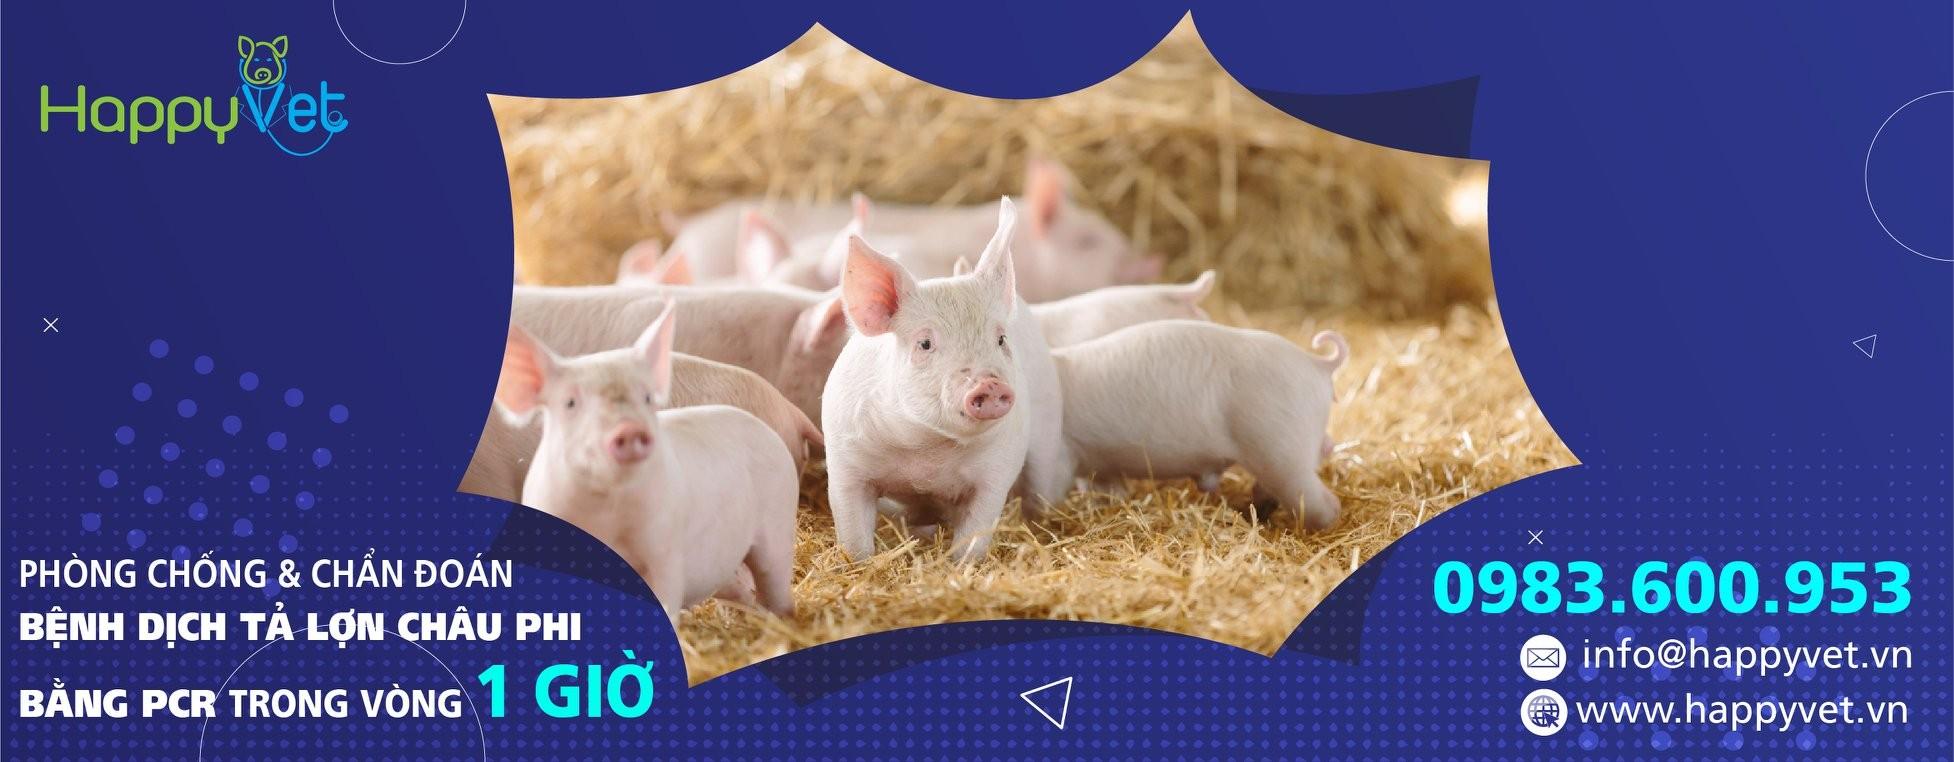 Phòng chống và chẩn đoán bệnh dịch tả lợn châu phi bằng PCR trong vòng 1 giờ